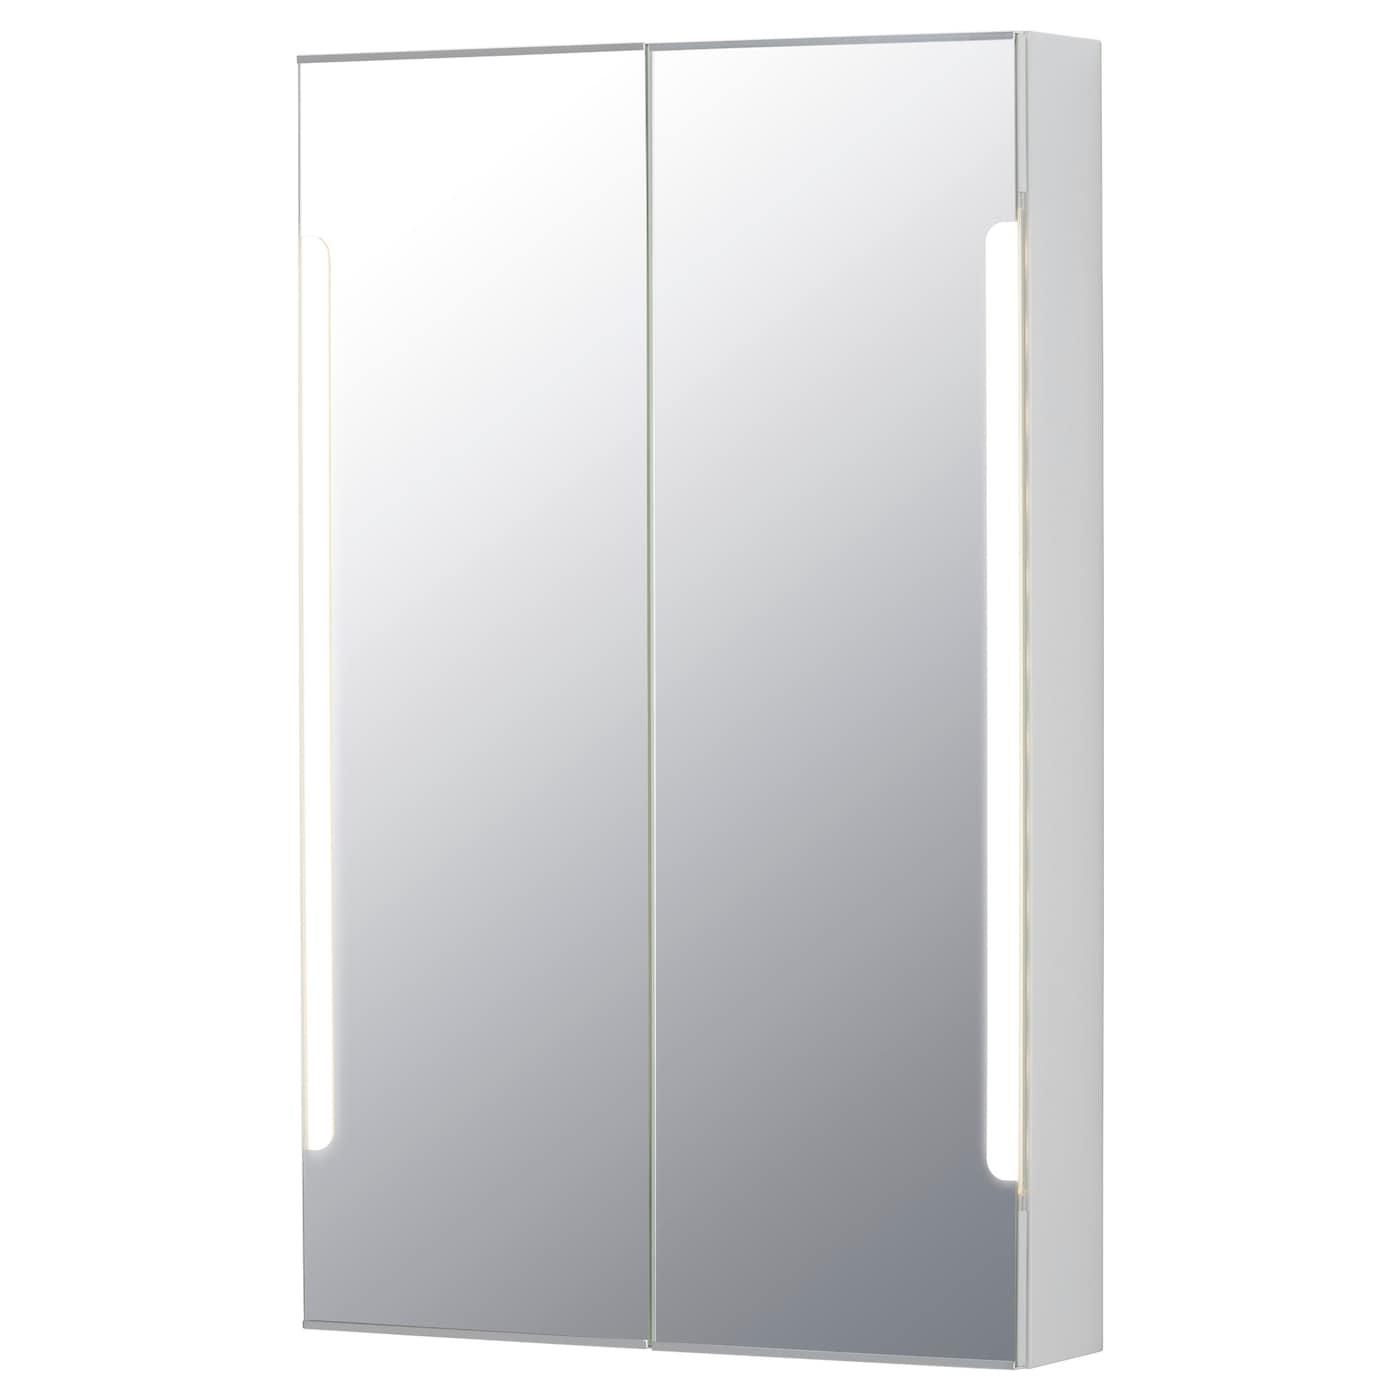 D coration et miroirs ikea for Miroir 50x60